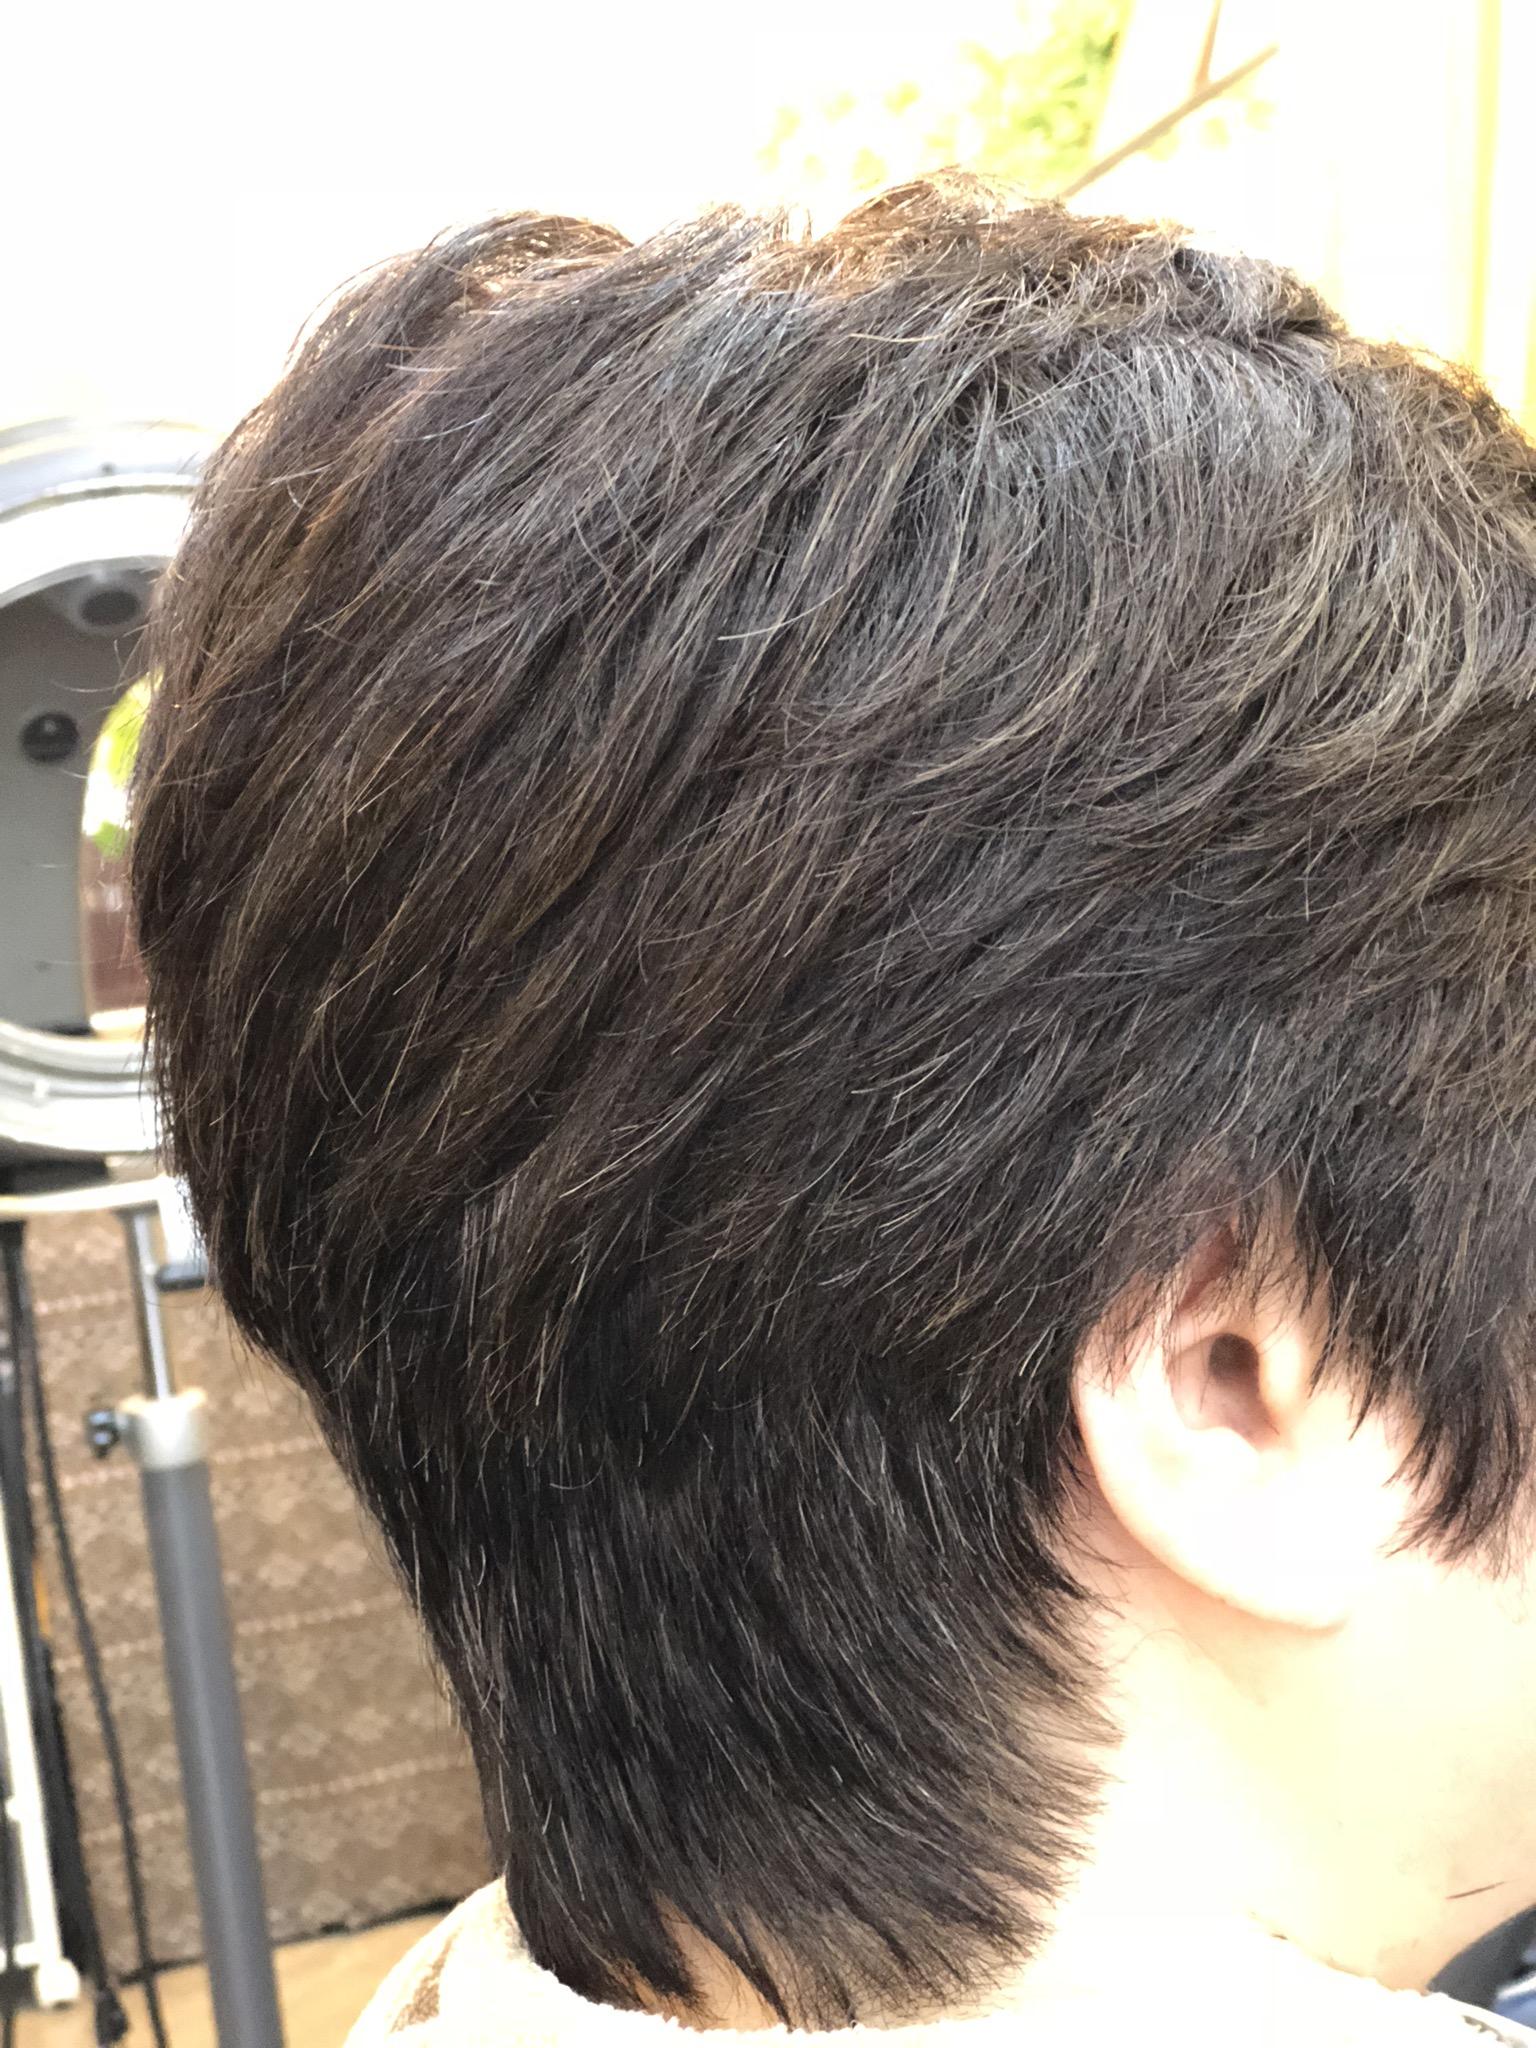 くせ毛で多毛でもノンブロスタイルになります。